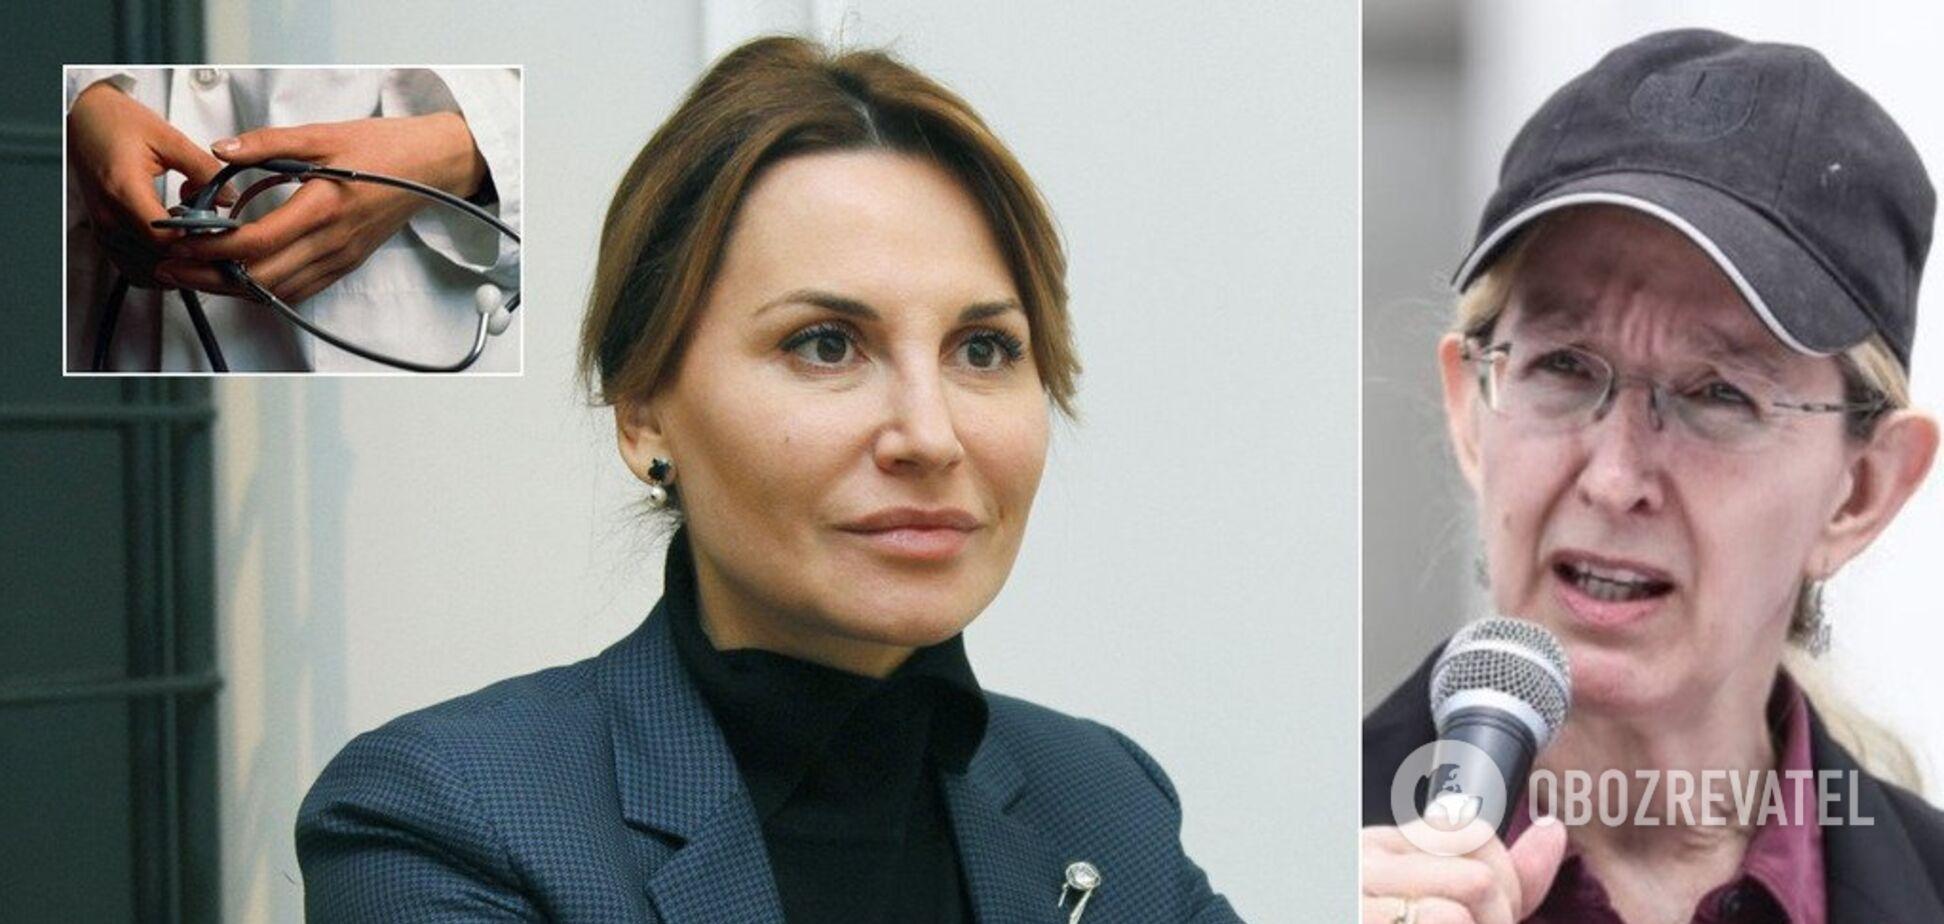 Жодну професію в Україні так не принижували, як медиків за Супрун – Сисоєнко